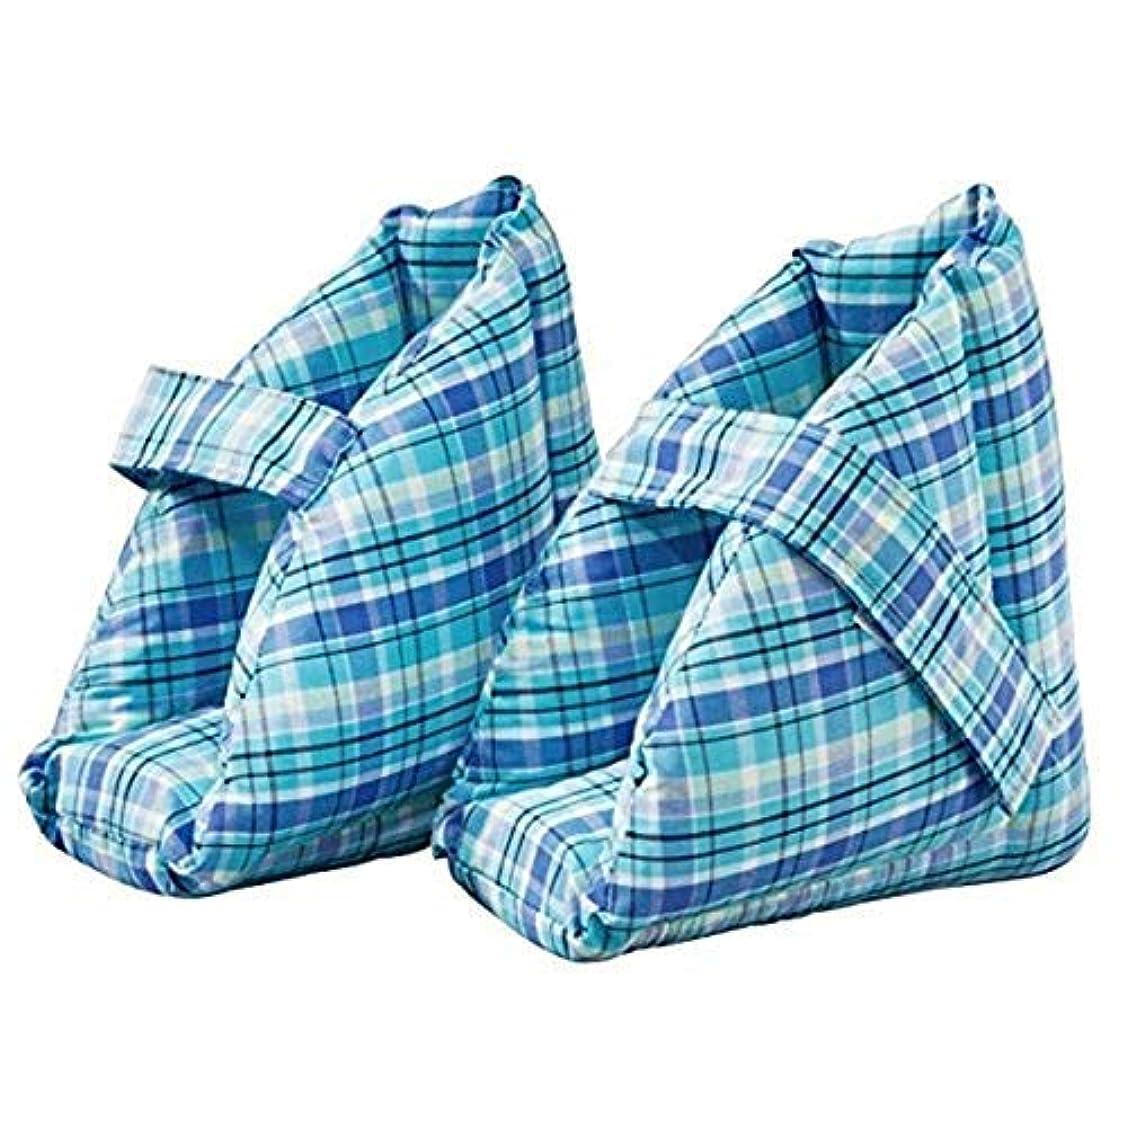 売り手ライオン科学者足の枕、足の腫れに最適なヒールプロテクタークッション、コンフォートヒールの保護足枕、ワンペア